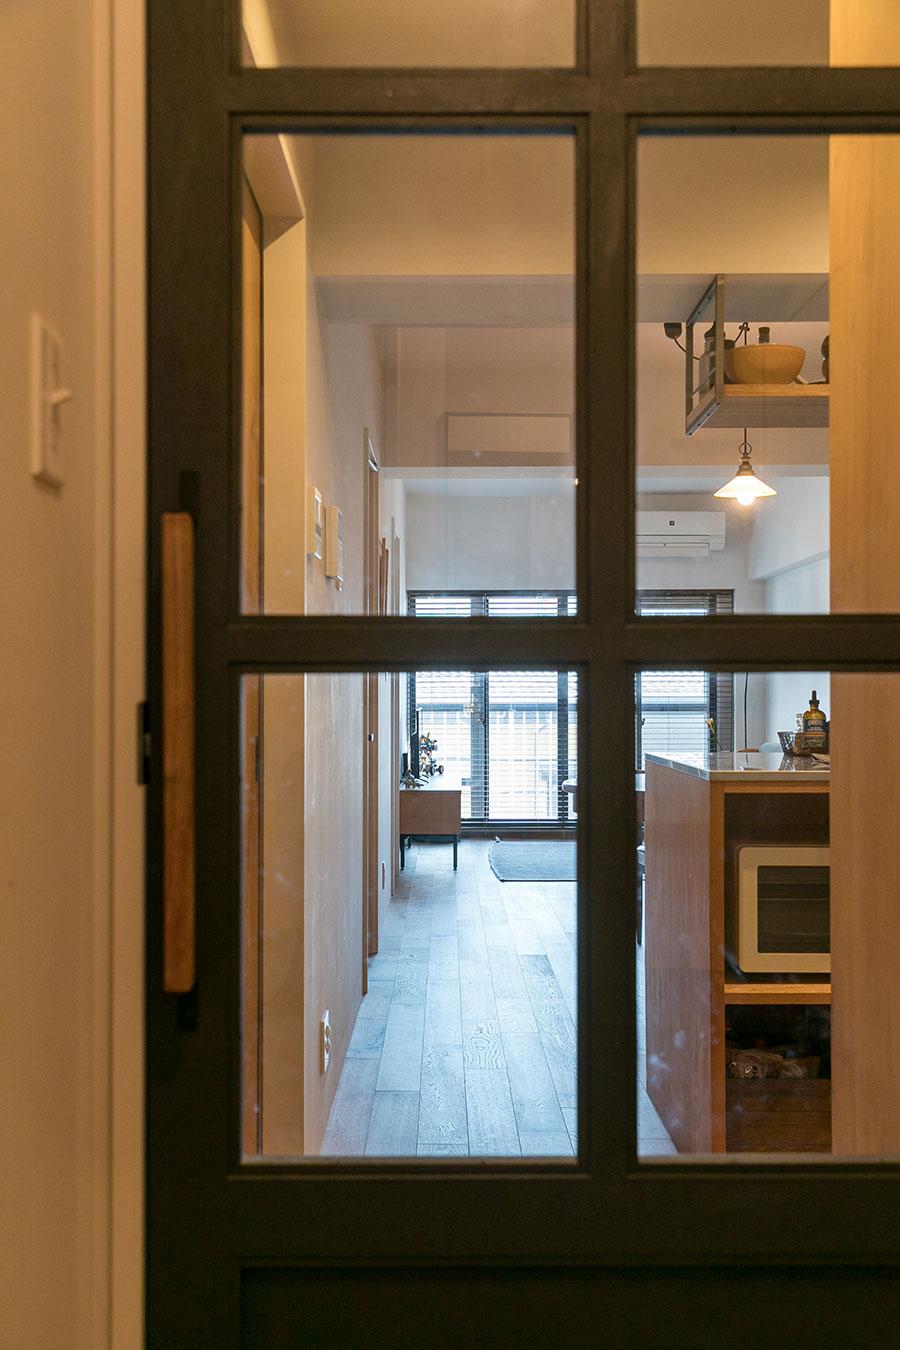 室内扉はガラスが入ったものに変え、アイアン塗料で仕上げた。